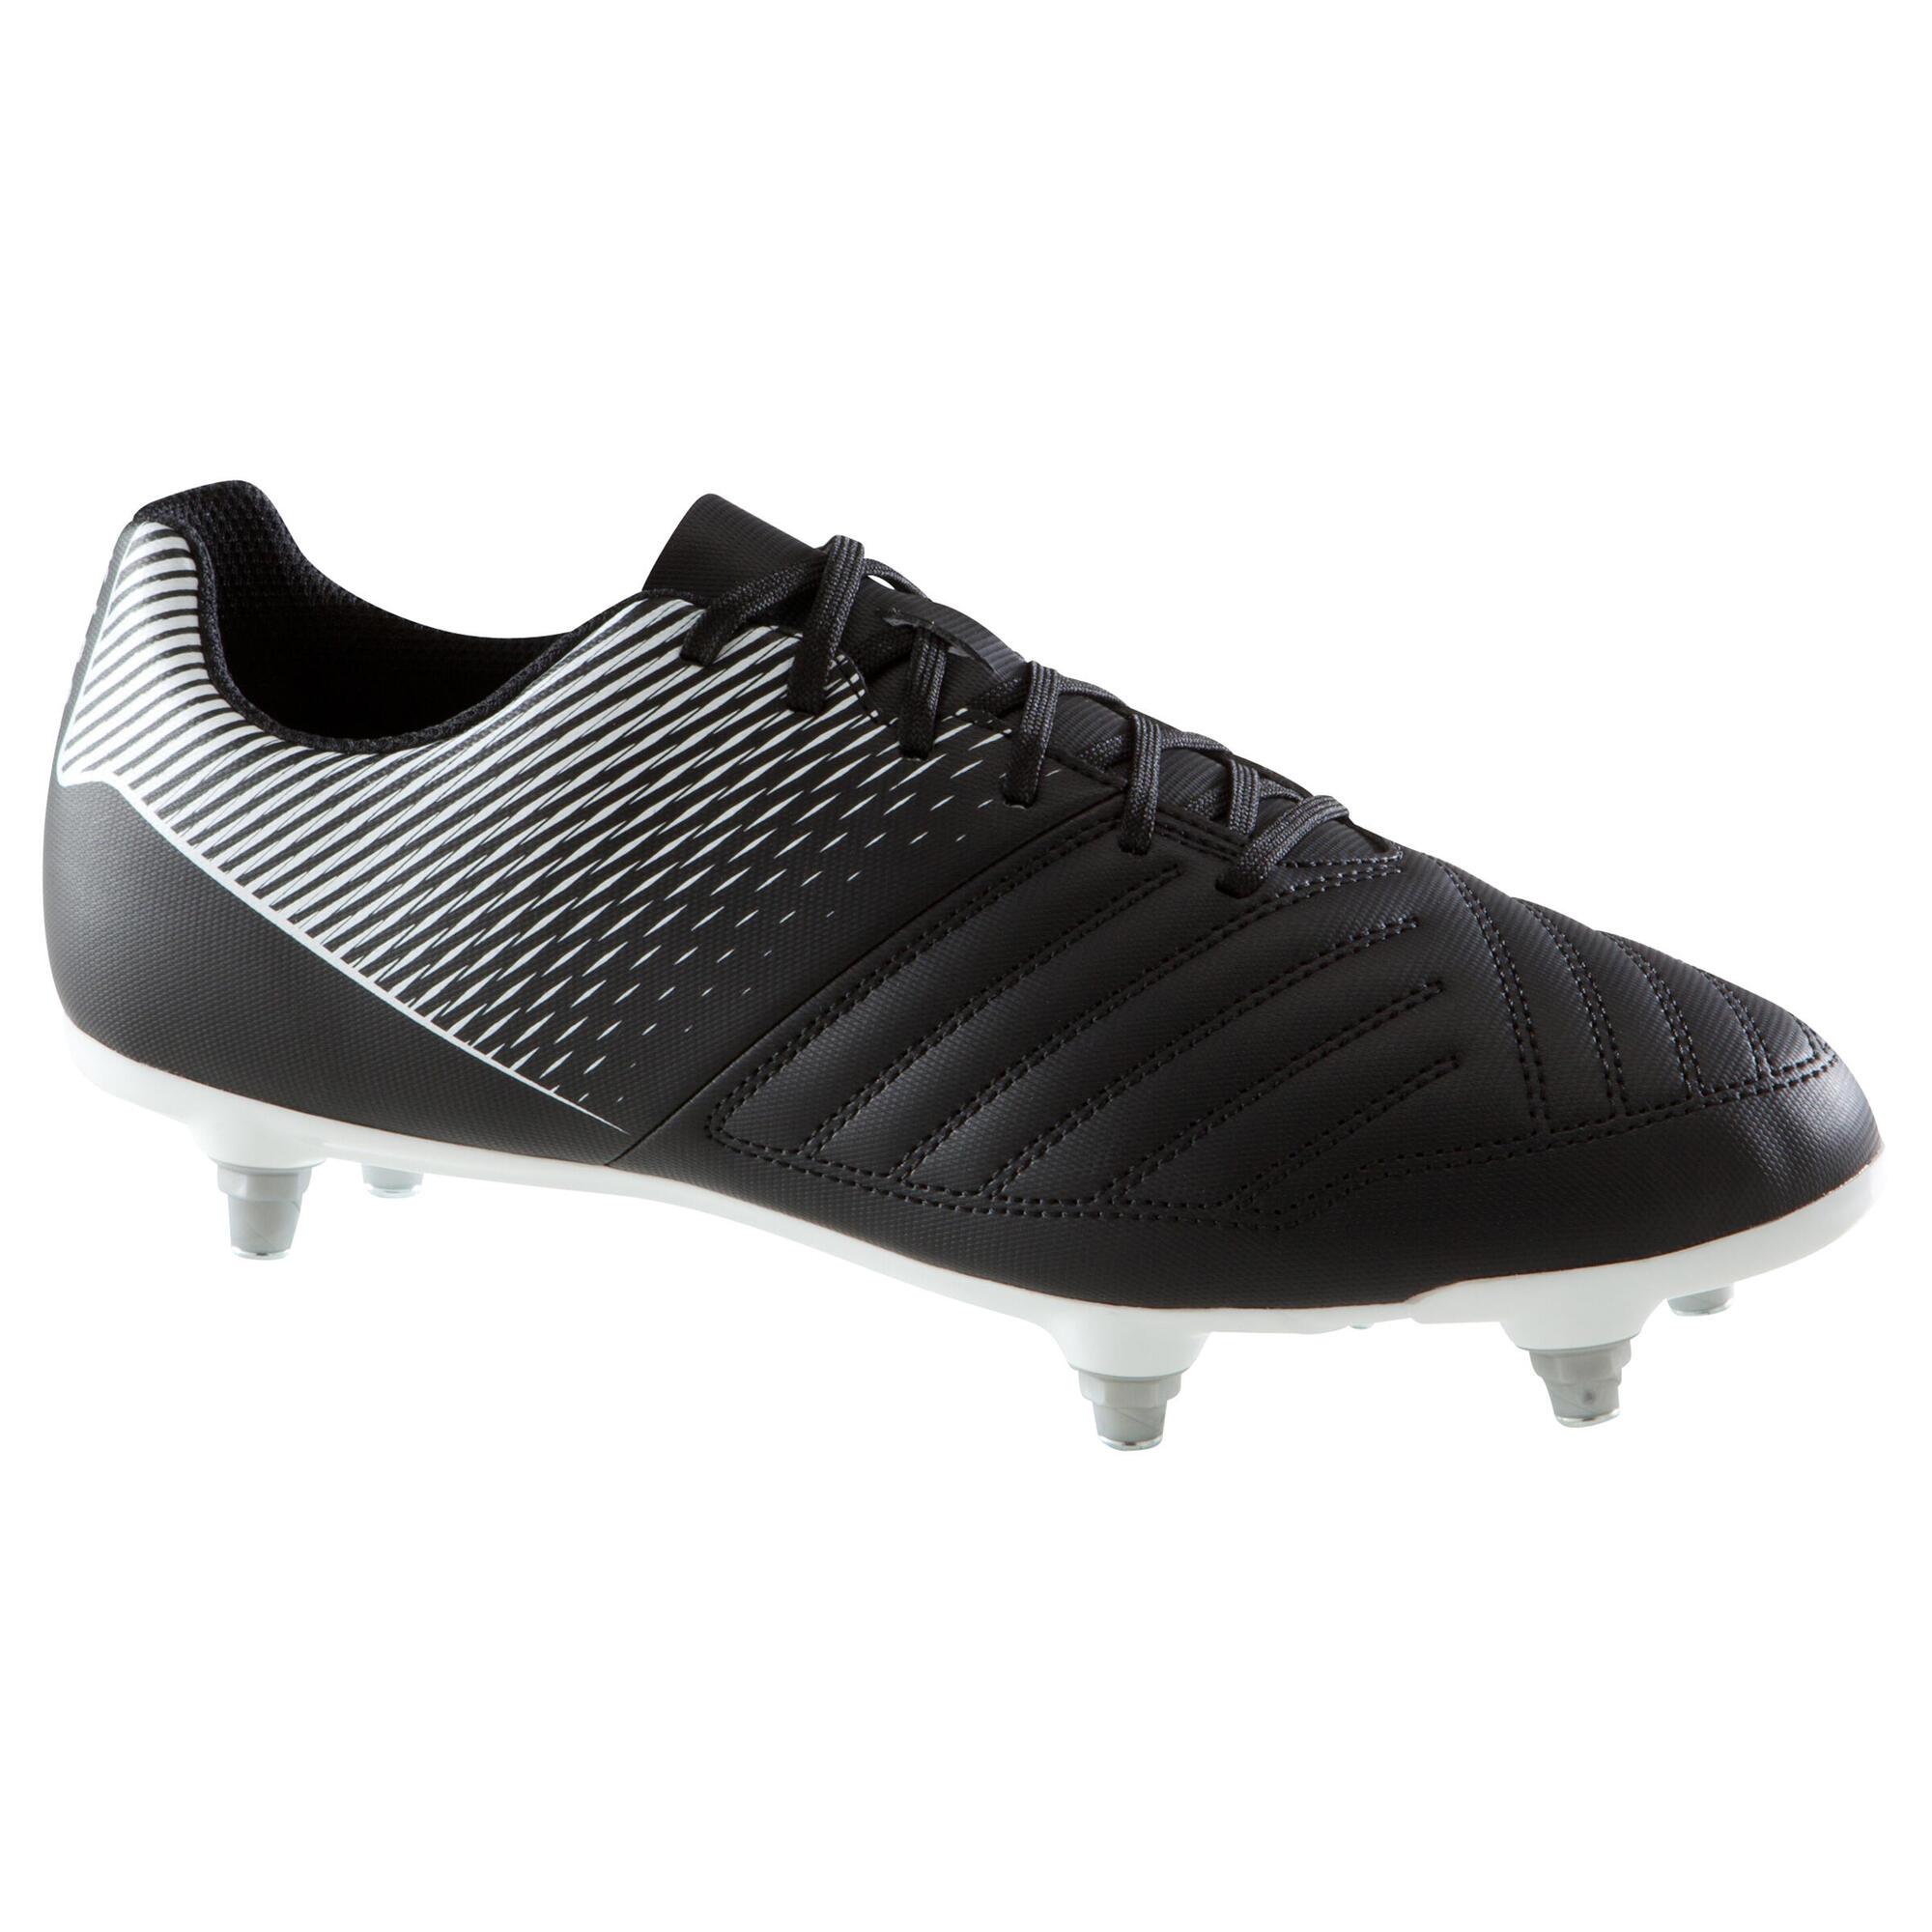 profitez de la livraison gratuite Achat/Vente prix spécial pour Chaussures - Chaussure de football adulte terrain gras Agility 100 SG noire  blanche